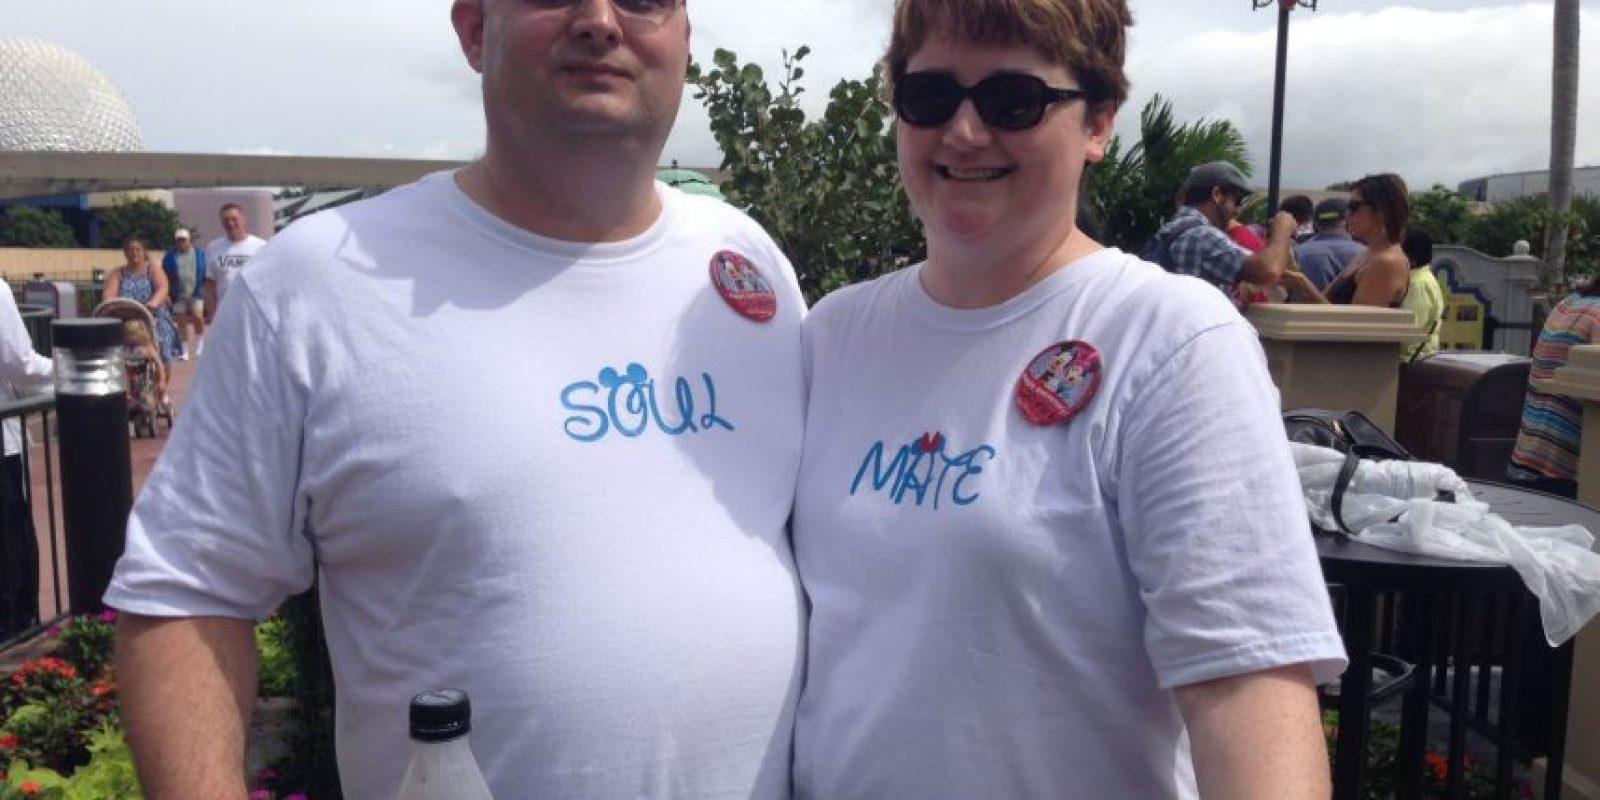 Shane y Kristie Knighton, de Georgia Foto:Cindy Burgos/ Metro Puerto Rico. Imagen Por: